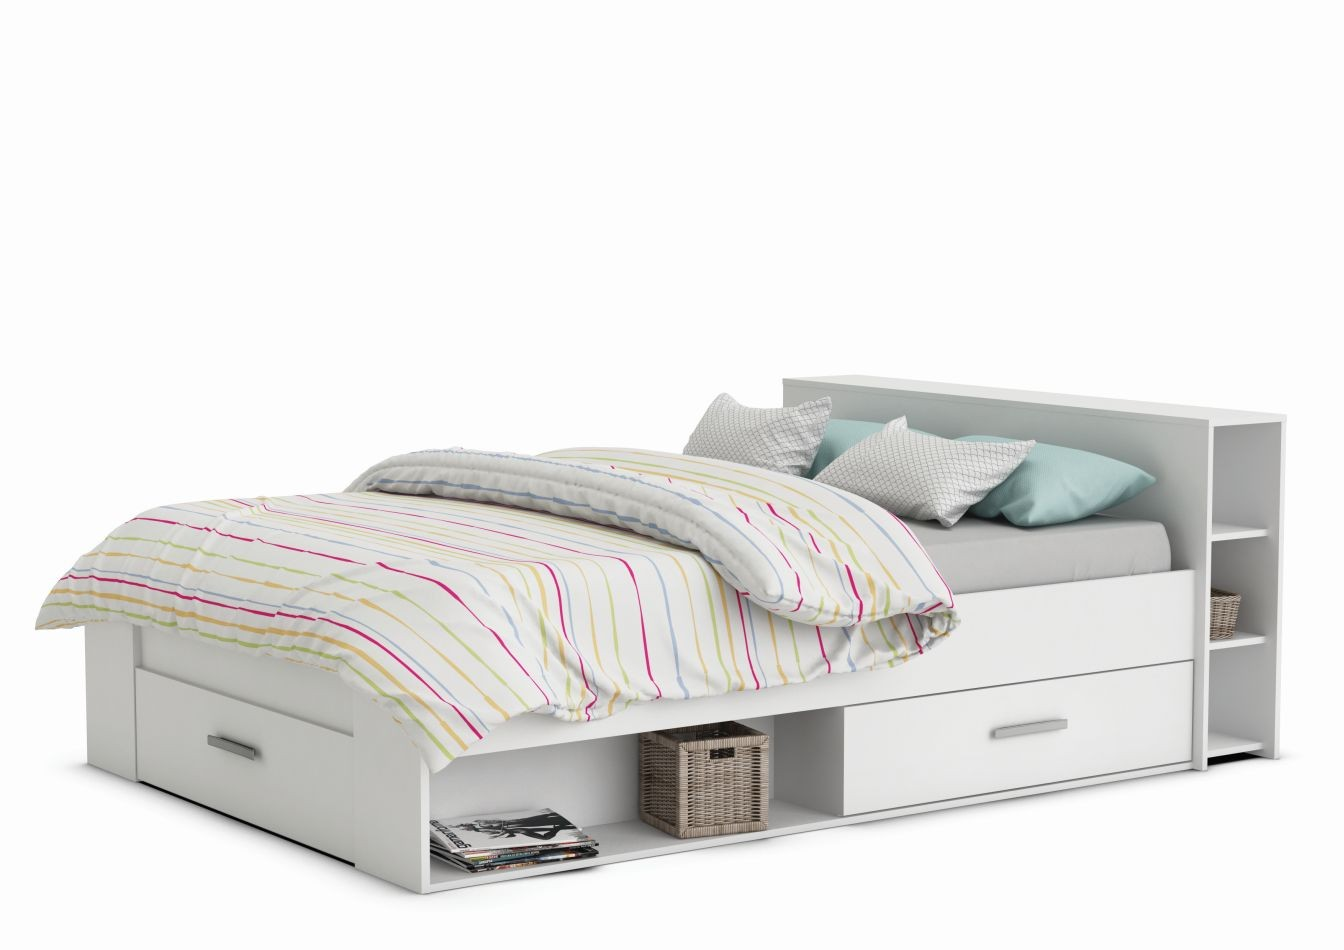 Full Size of Jugendbett Damboa 01 Esstisch Weiß Ausziehbar Ausziehbares Bett Runder Massiv Rund 160 Sofa Eiche Wohnzimmer Jugendbett Ausziehbar